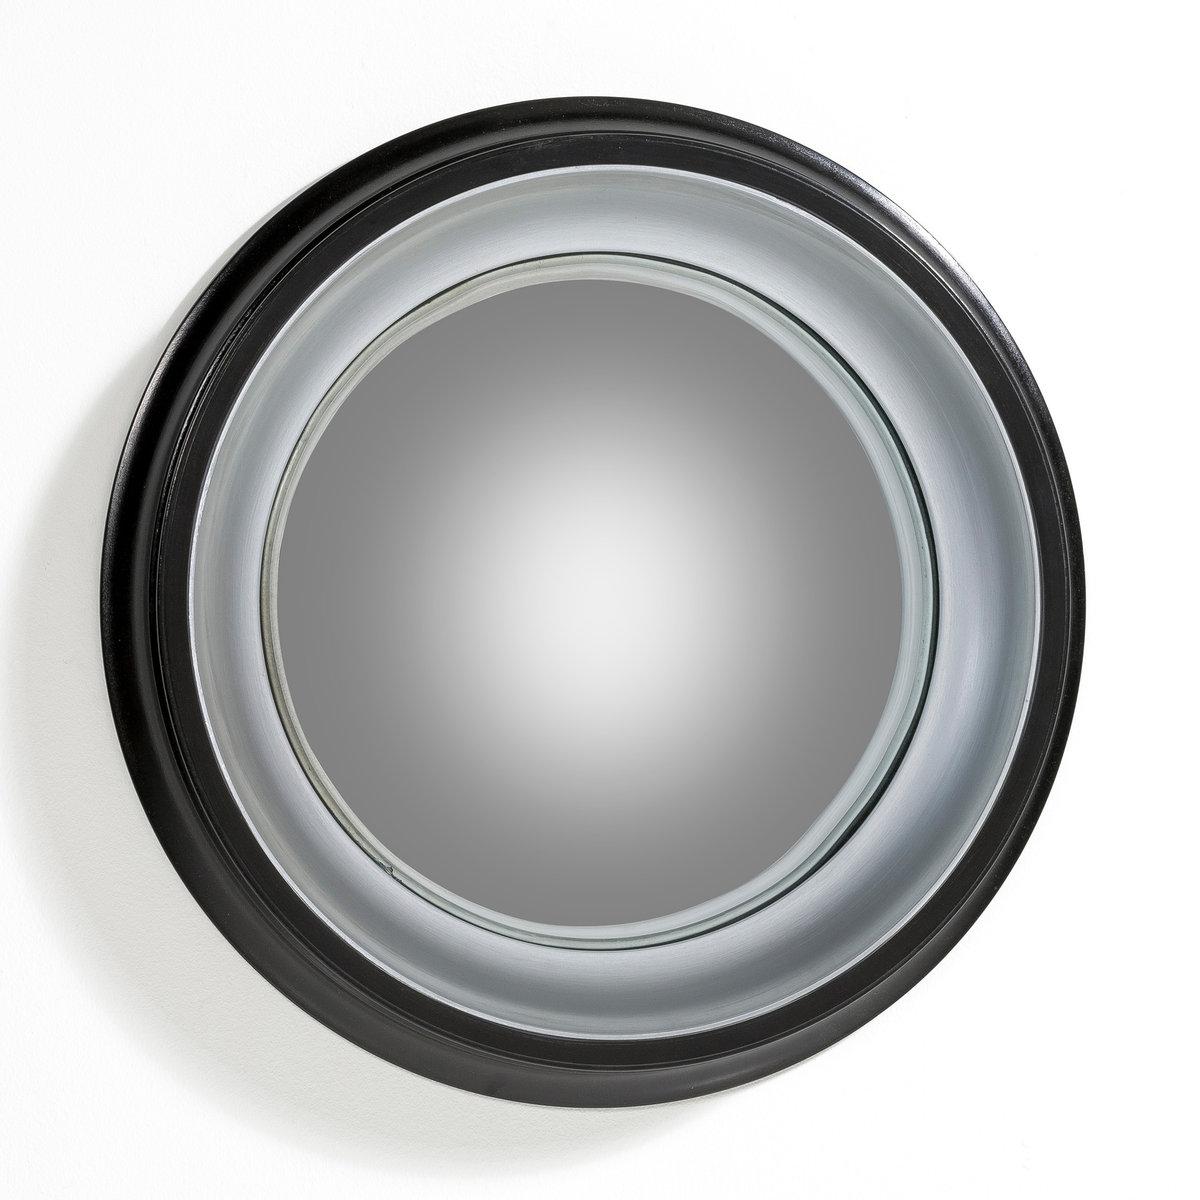 Зеркало Samantha, большой размер?60 смВолшебное зеркало с выпуклым алюминиевым стеклом наделит Вас магической силой...Характеристики: : Рама из МДФ, отделка черного и золотистого цвета. Выпуклое алюминиевое стекло. Металлические крепления, которые заделываются в стену.Размеры  :Диаметр 60 см.<br><br>Цвет: черный/ золотистый,черный/ серебристый<br>Размер: ? 60см.? 60см